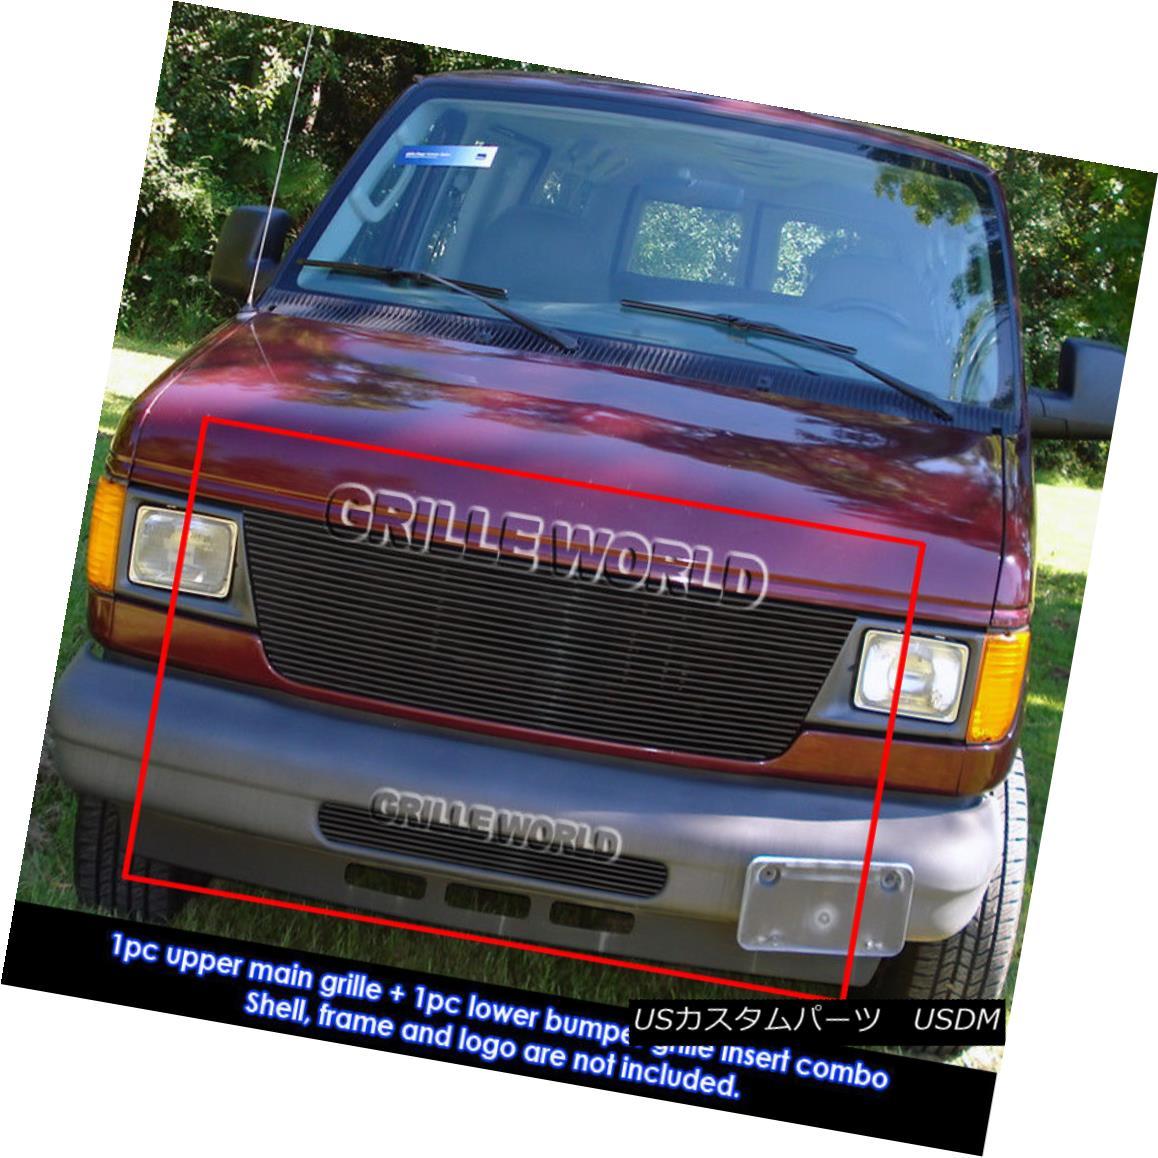 グリル For 1992-2007 Ford Econoline Van Black Billet Grill Insert Combo 1992 - 2007年フォードエコノラインヴァンブラックビレットグリルインサートコンボ用